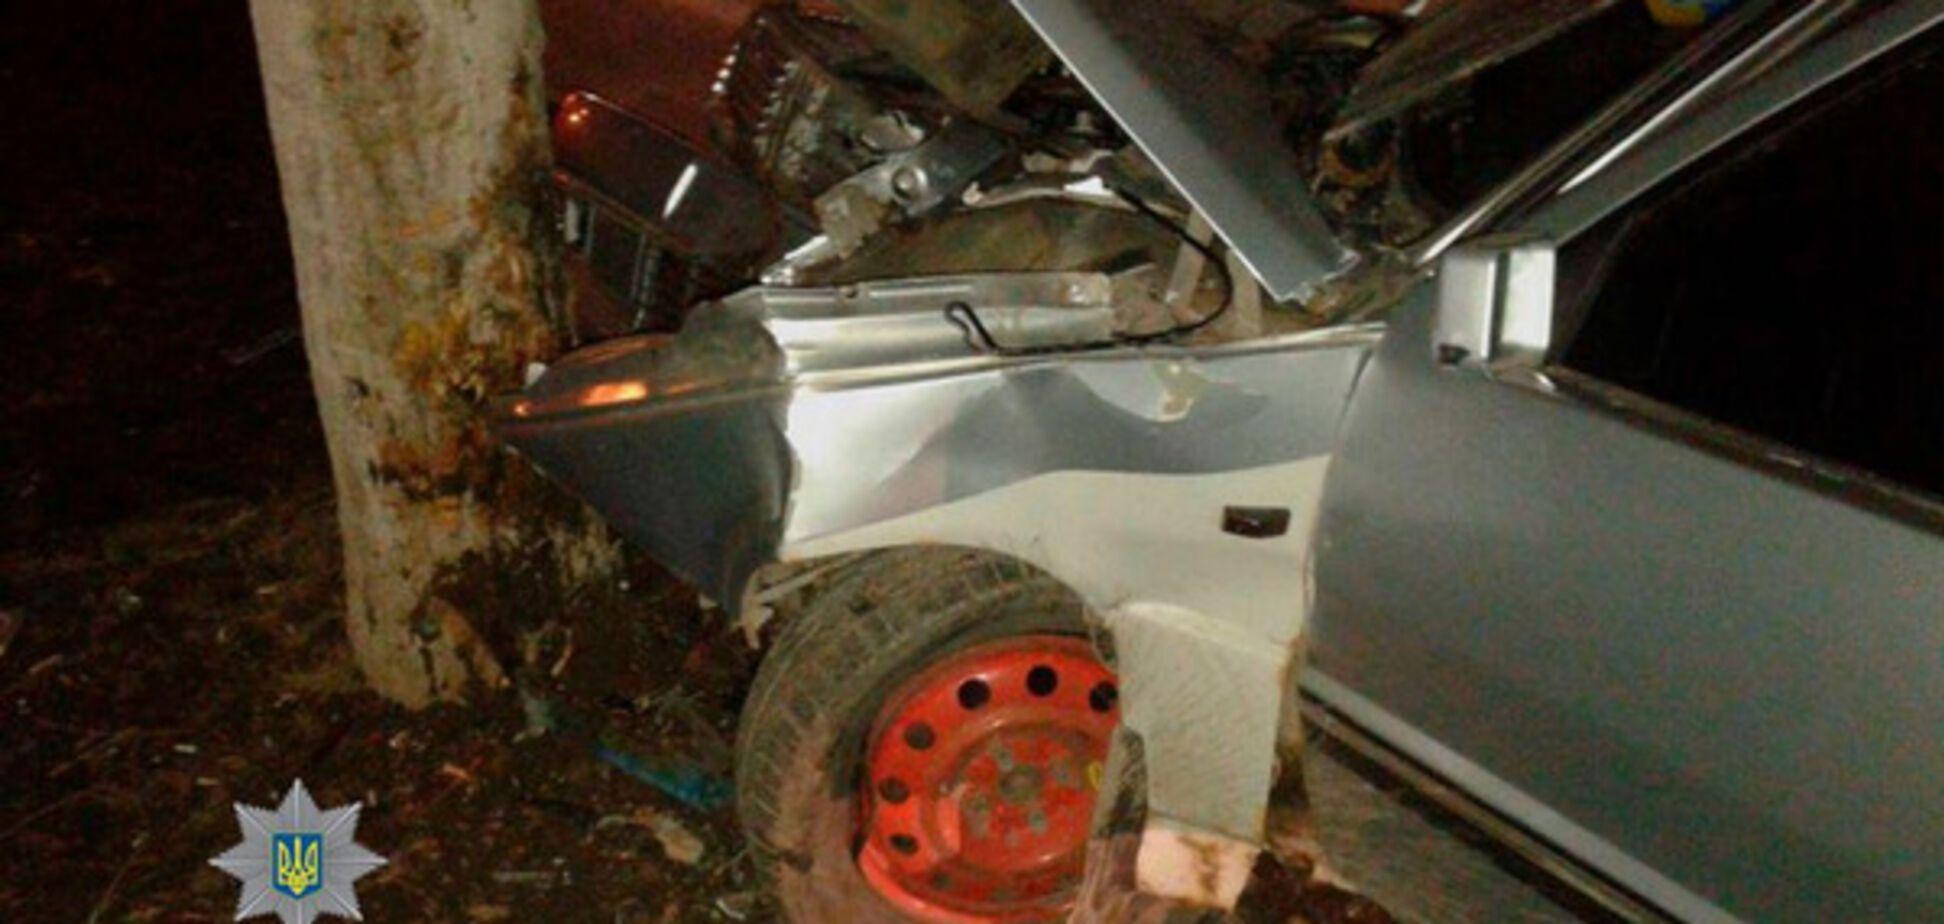 Родился в рубашке: в Запорожье пьяный водитель разбил машину, но сам остался невредим (ФОТО)